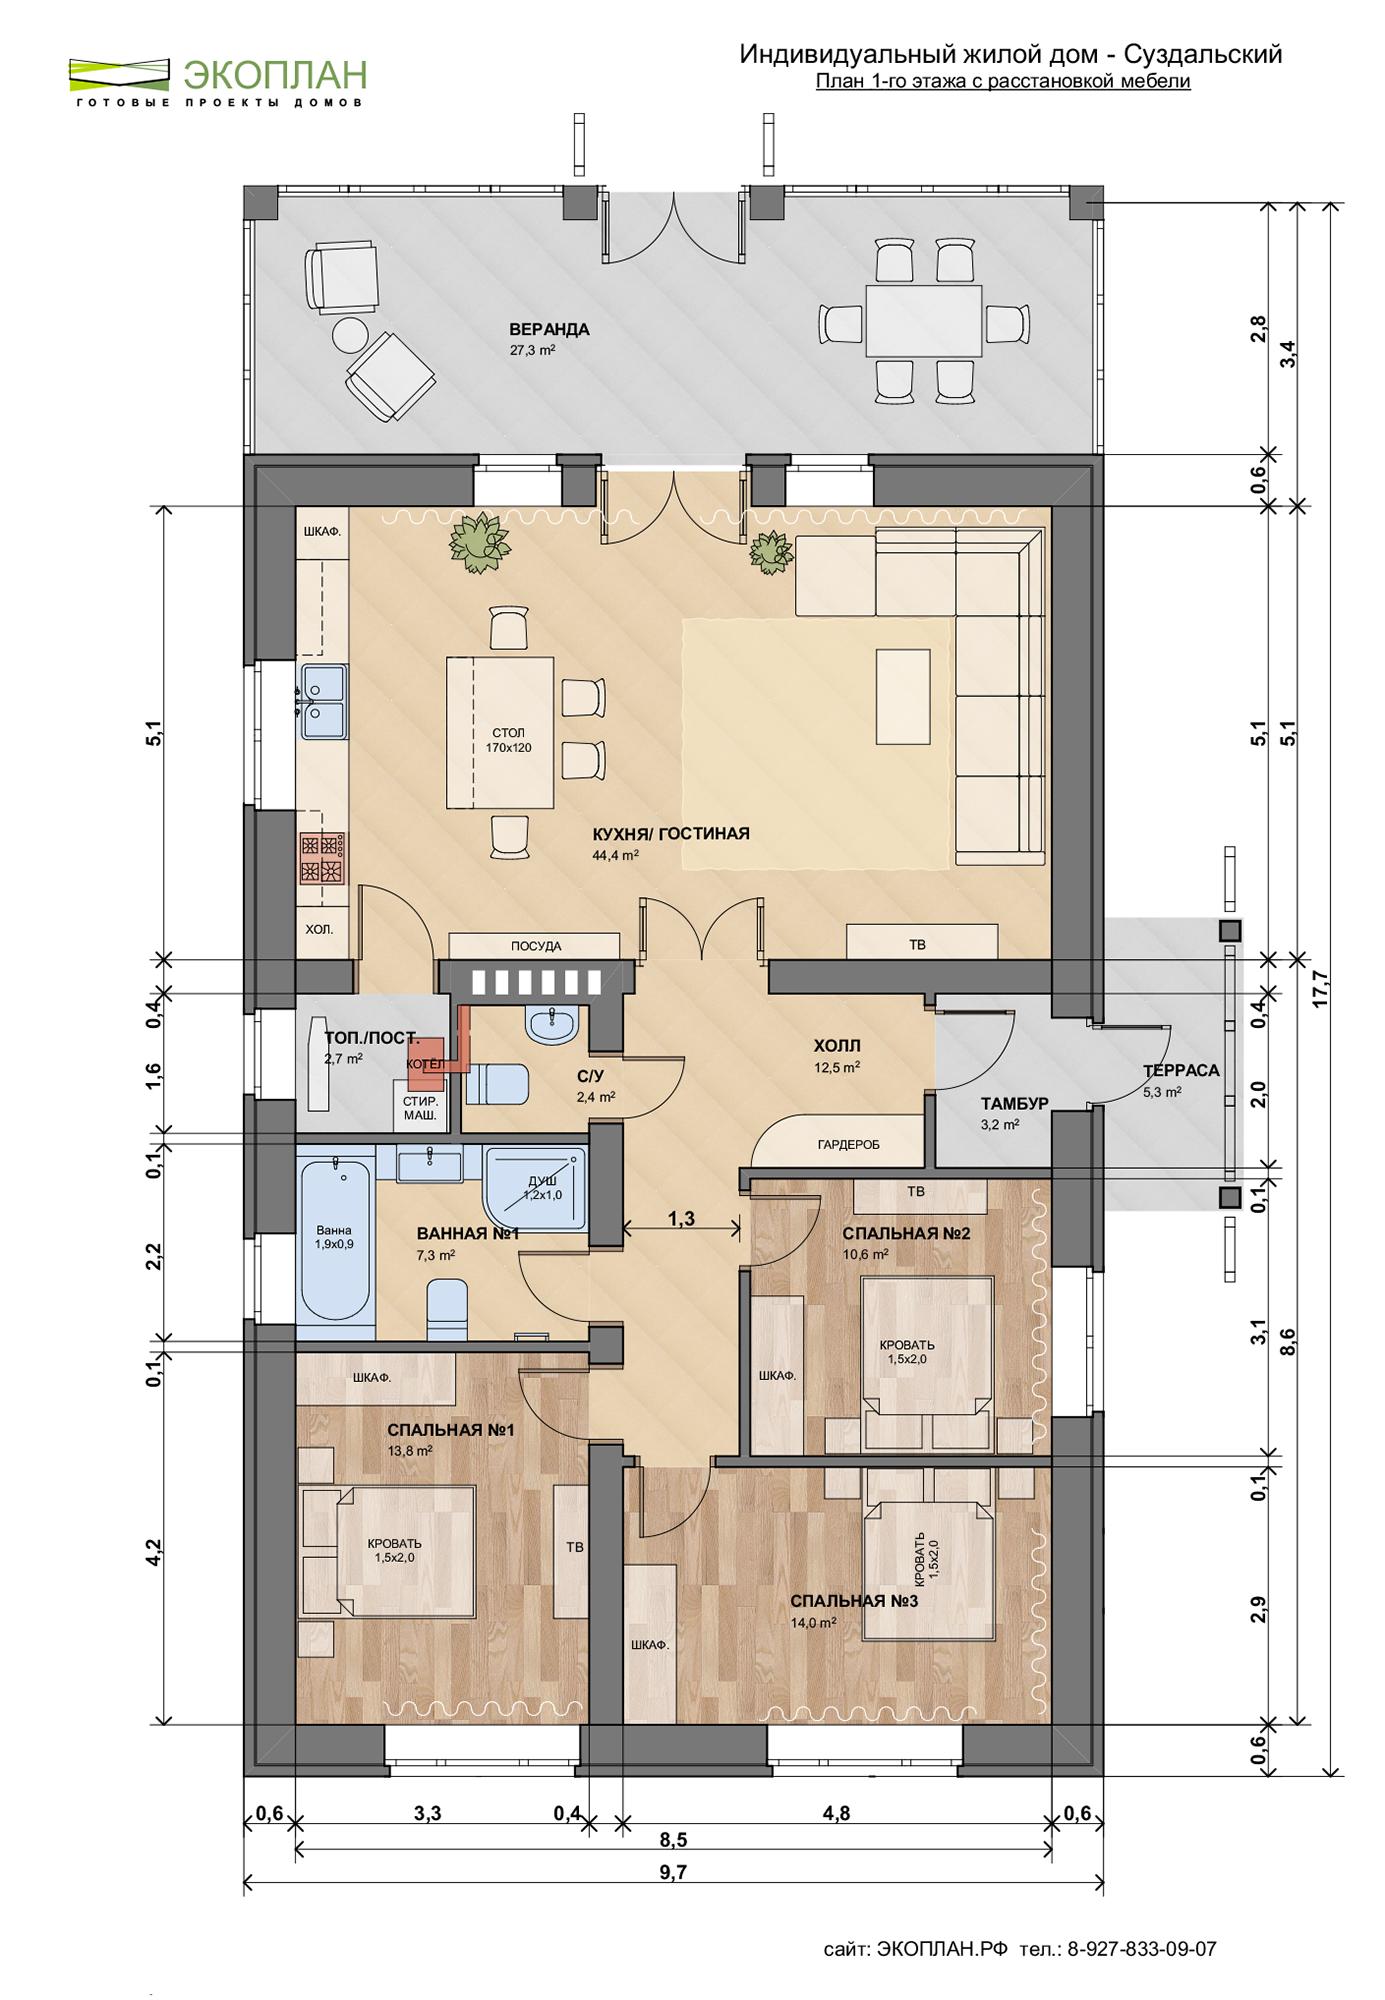 Готовый проект дома - Суздальский - Ульяновск план